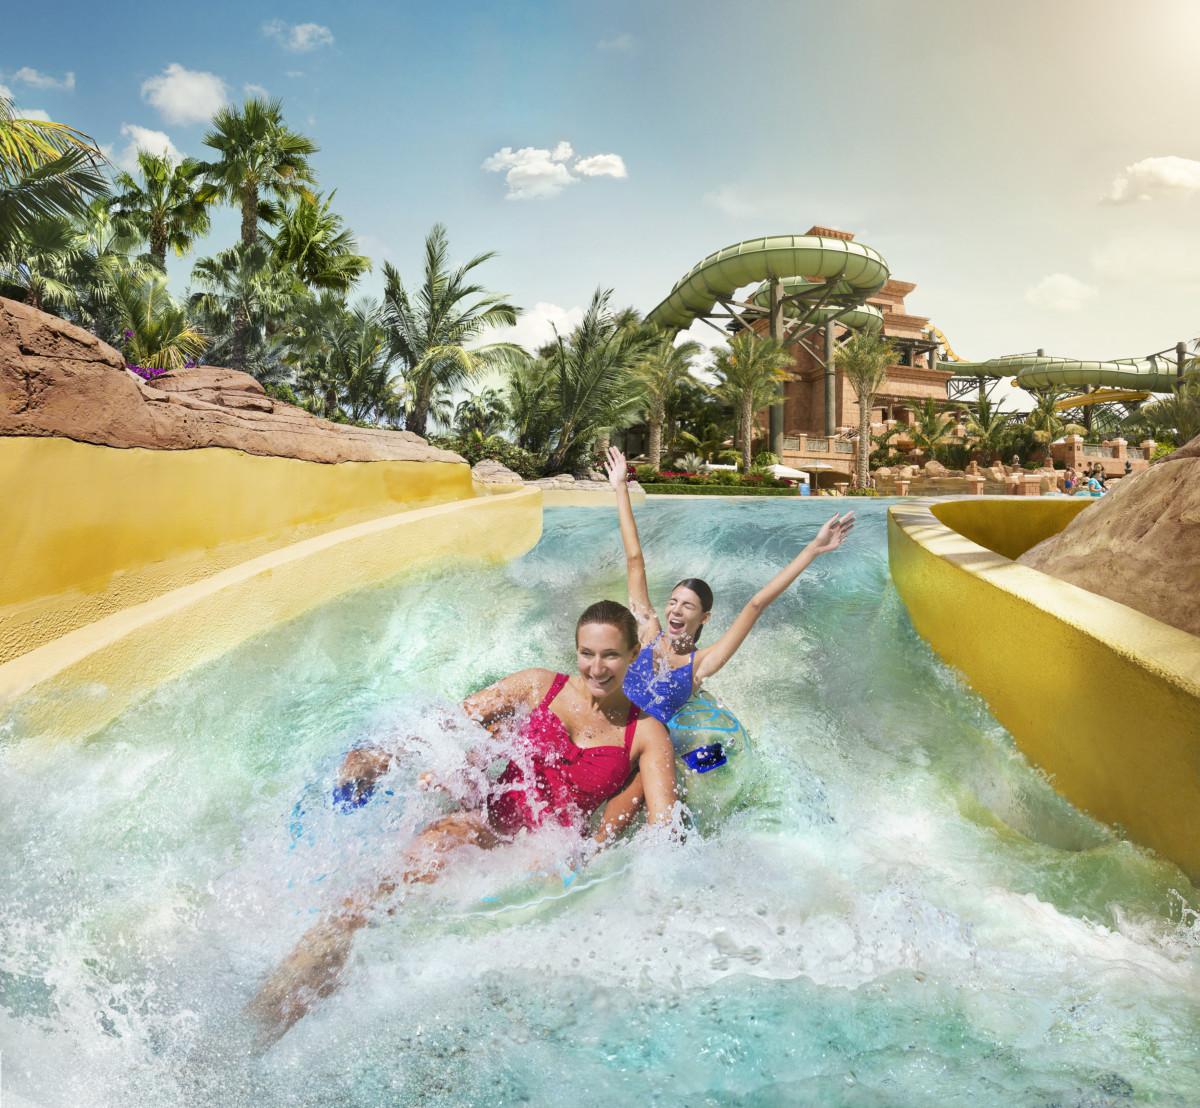 Dubai's Aquaventure water park